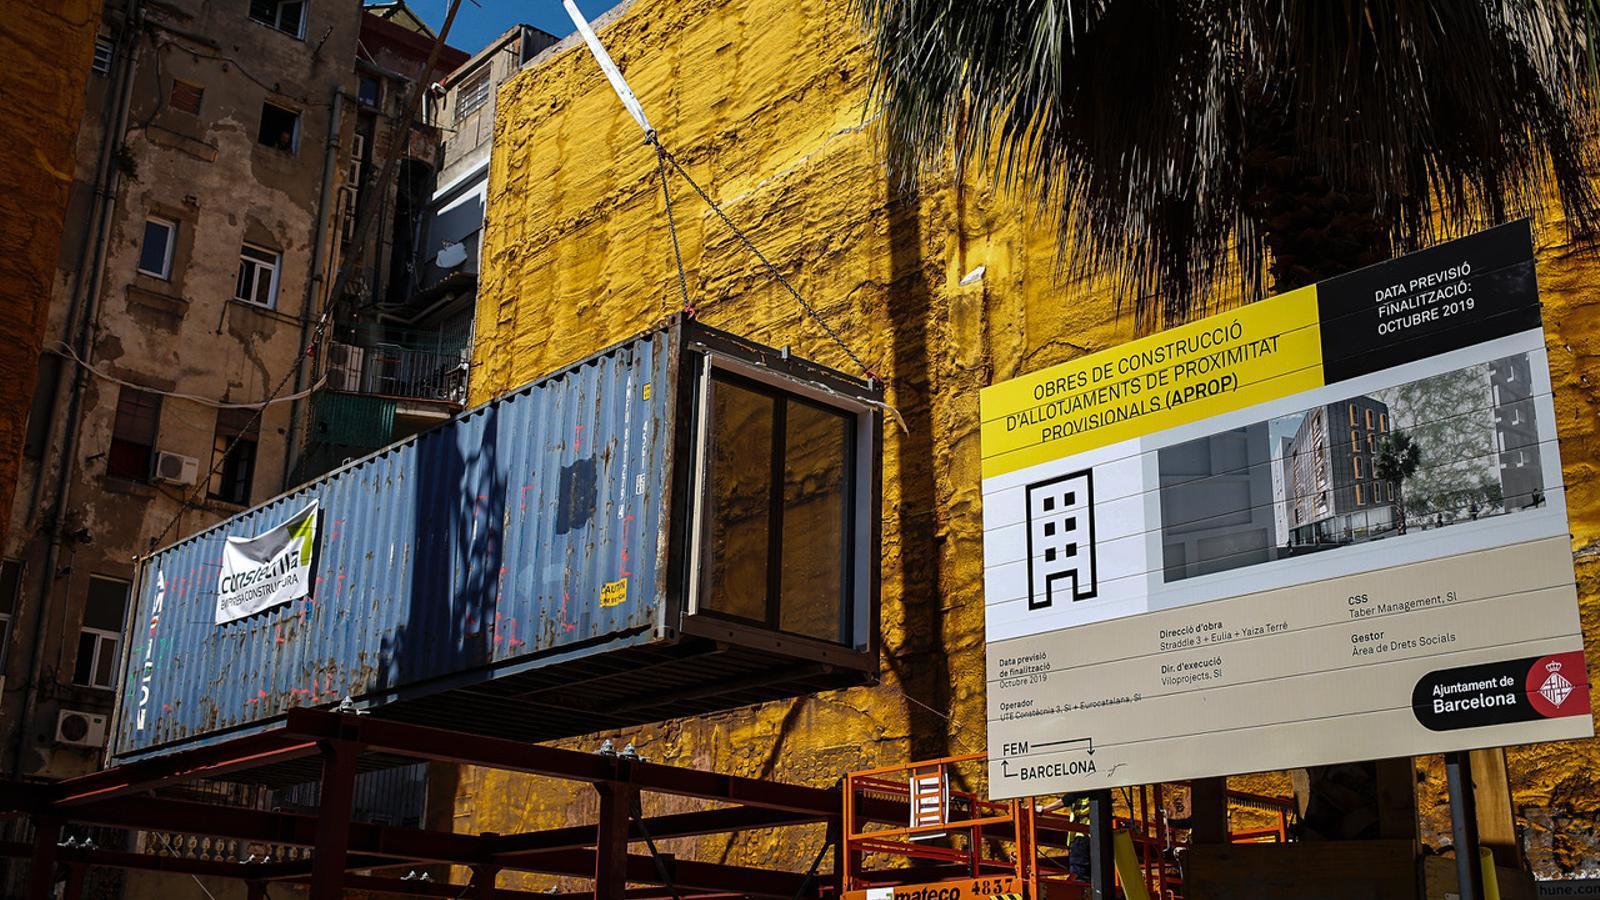 Imatge del mòdul que servirà per construir el primer immoble prefabricat de Barcelona, al Barri Gòtic / CÈLIA ATSET